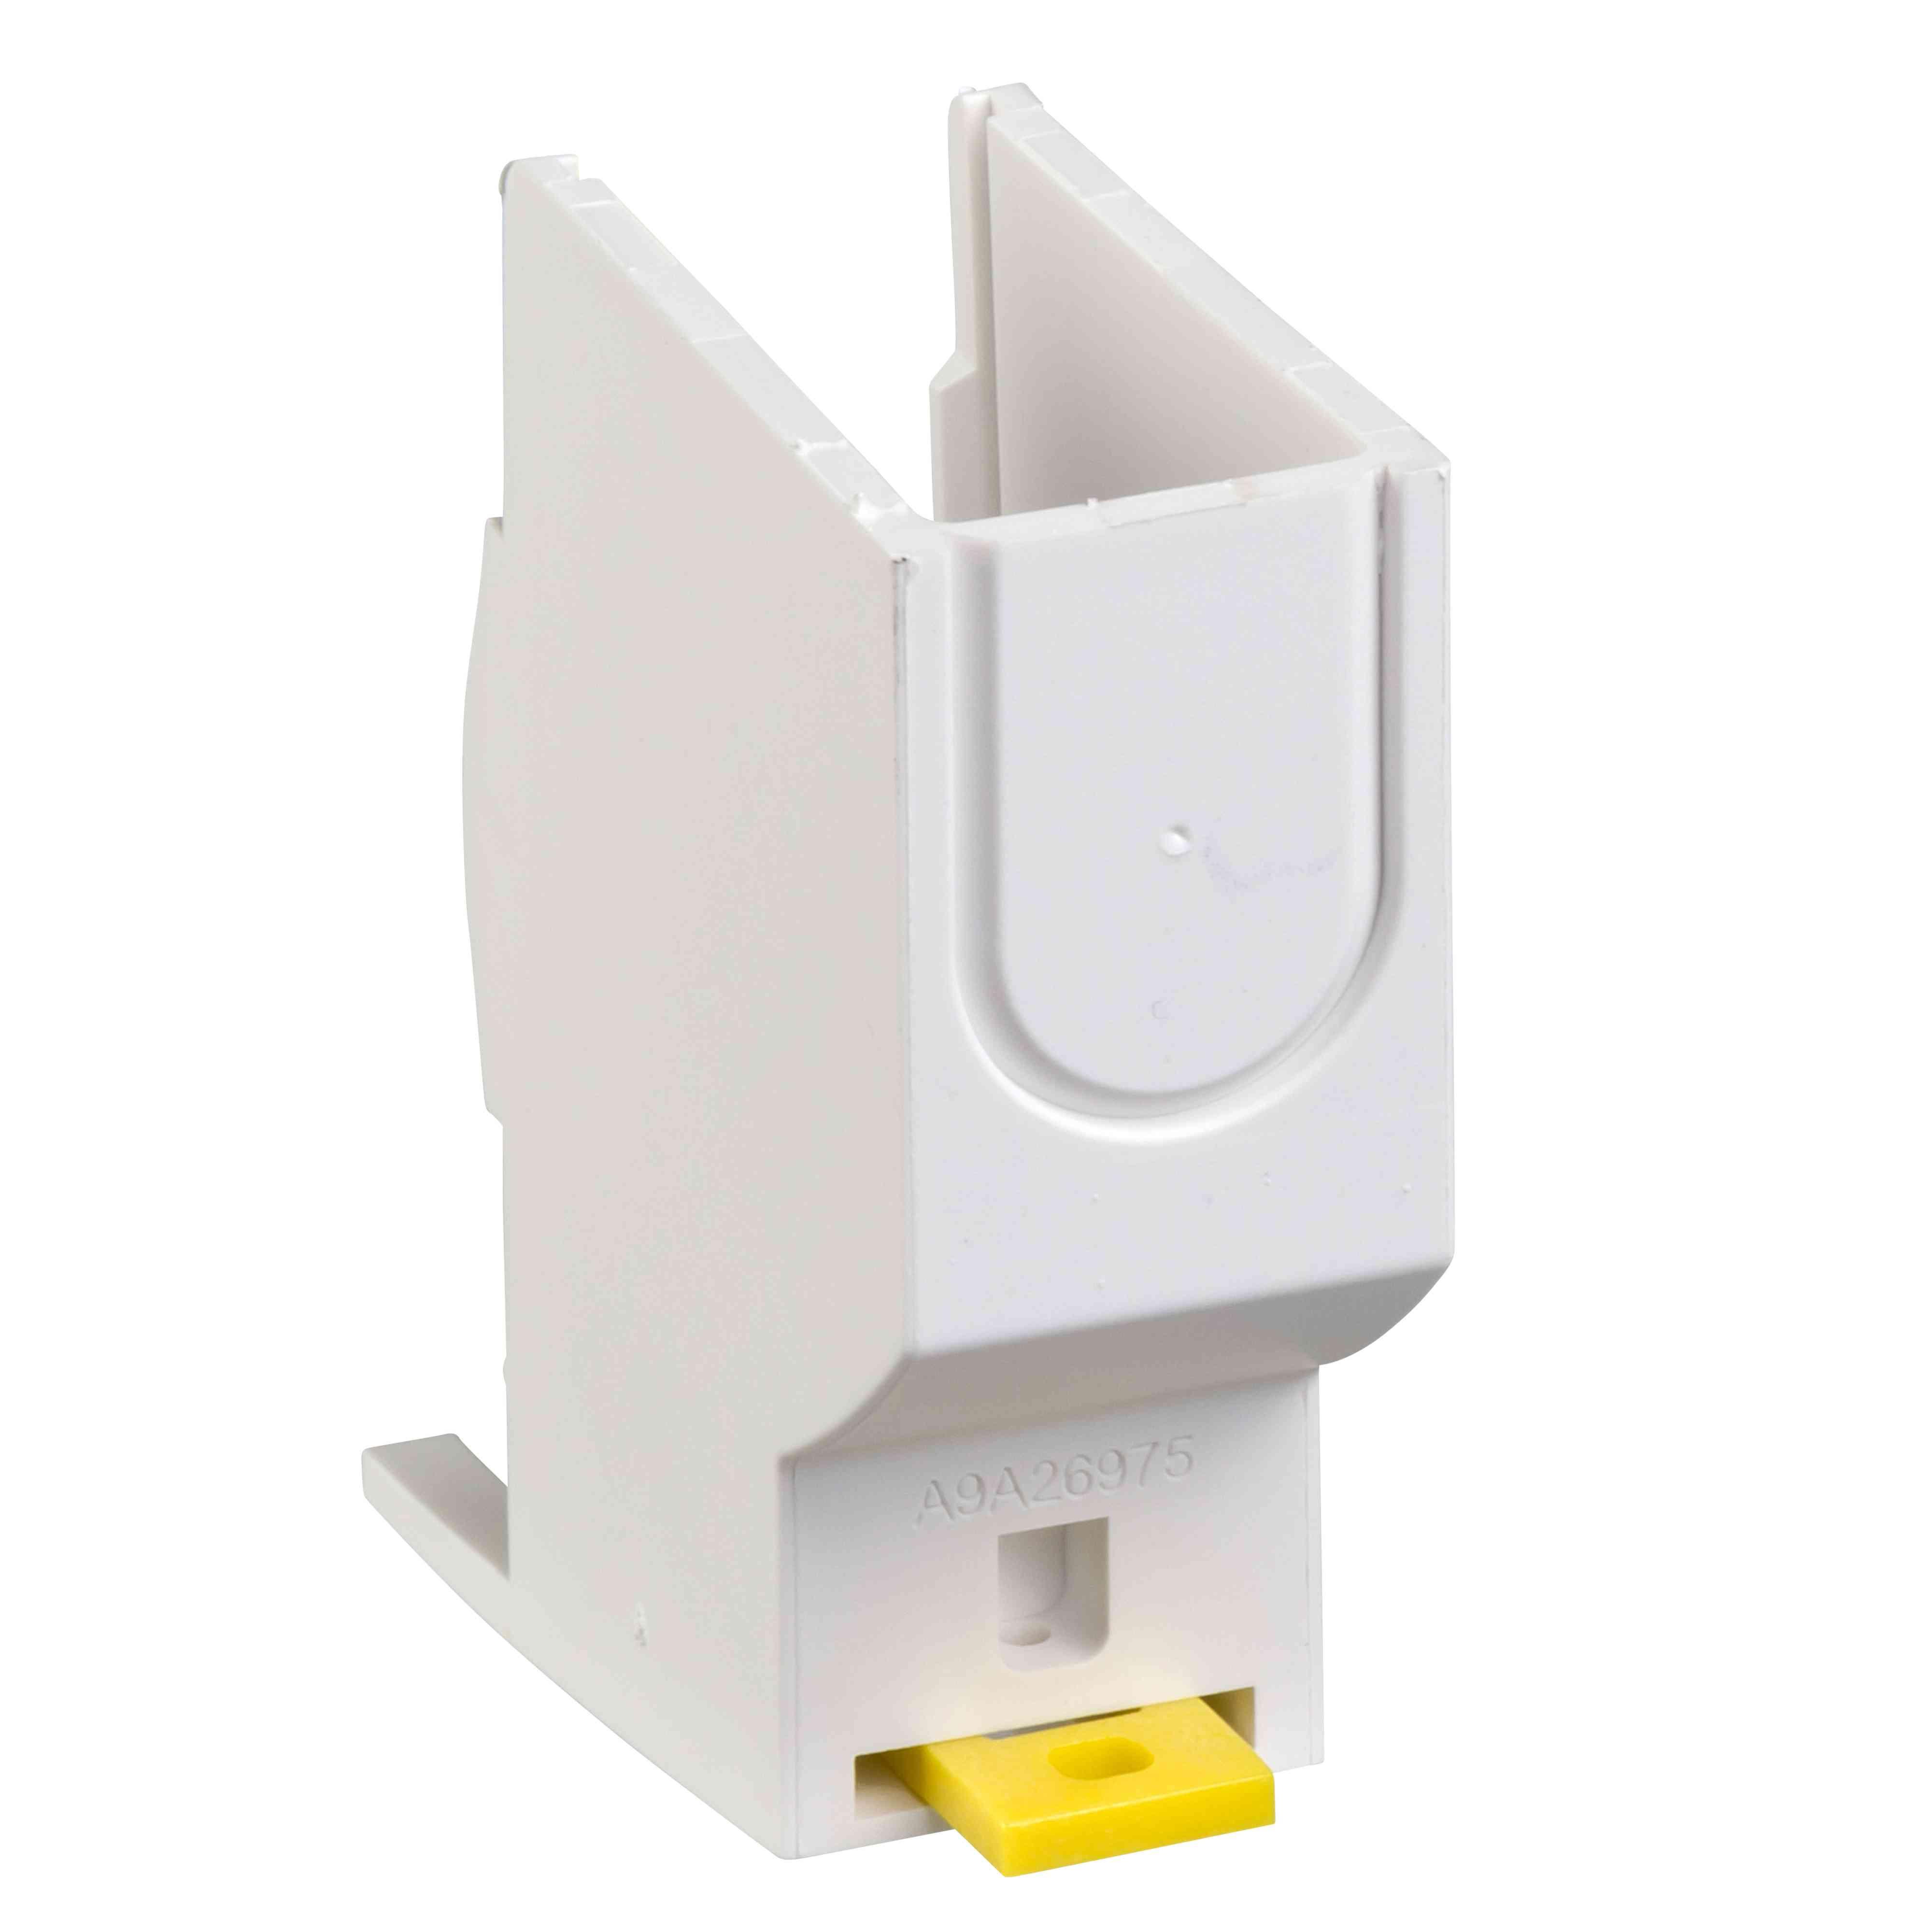 Varovalo priključka - 1 pol - 18 mm - za iC60, iID, Reflex iC60, iSW-NA